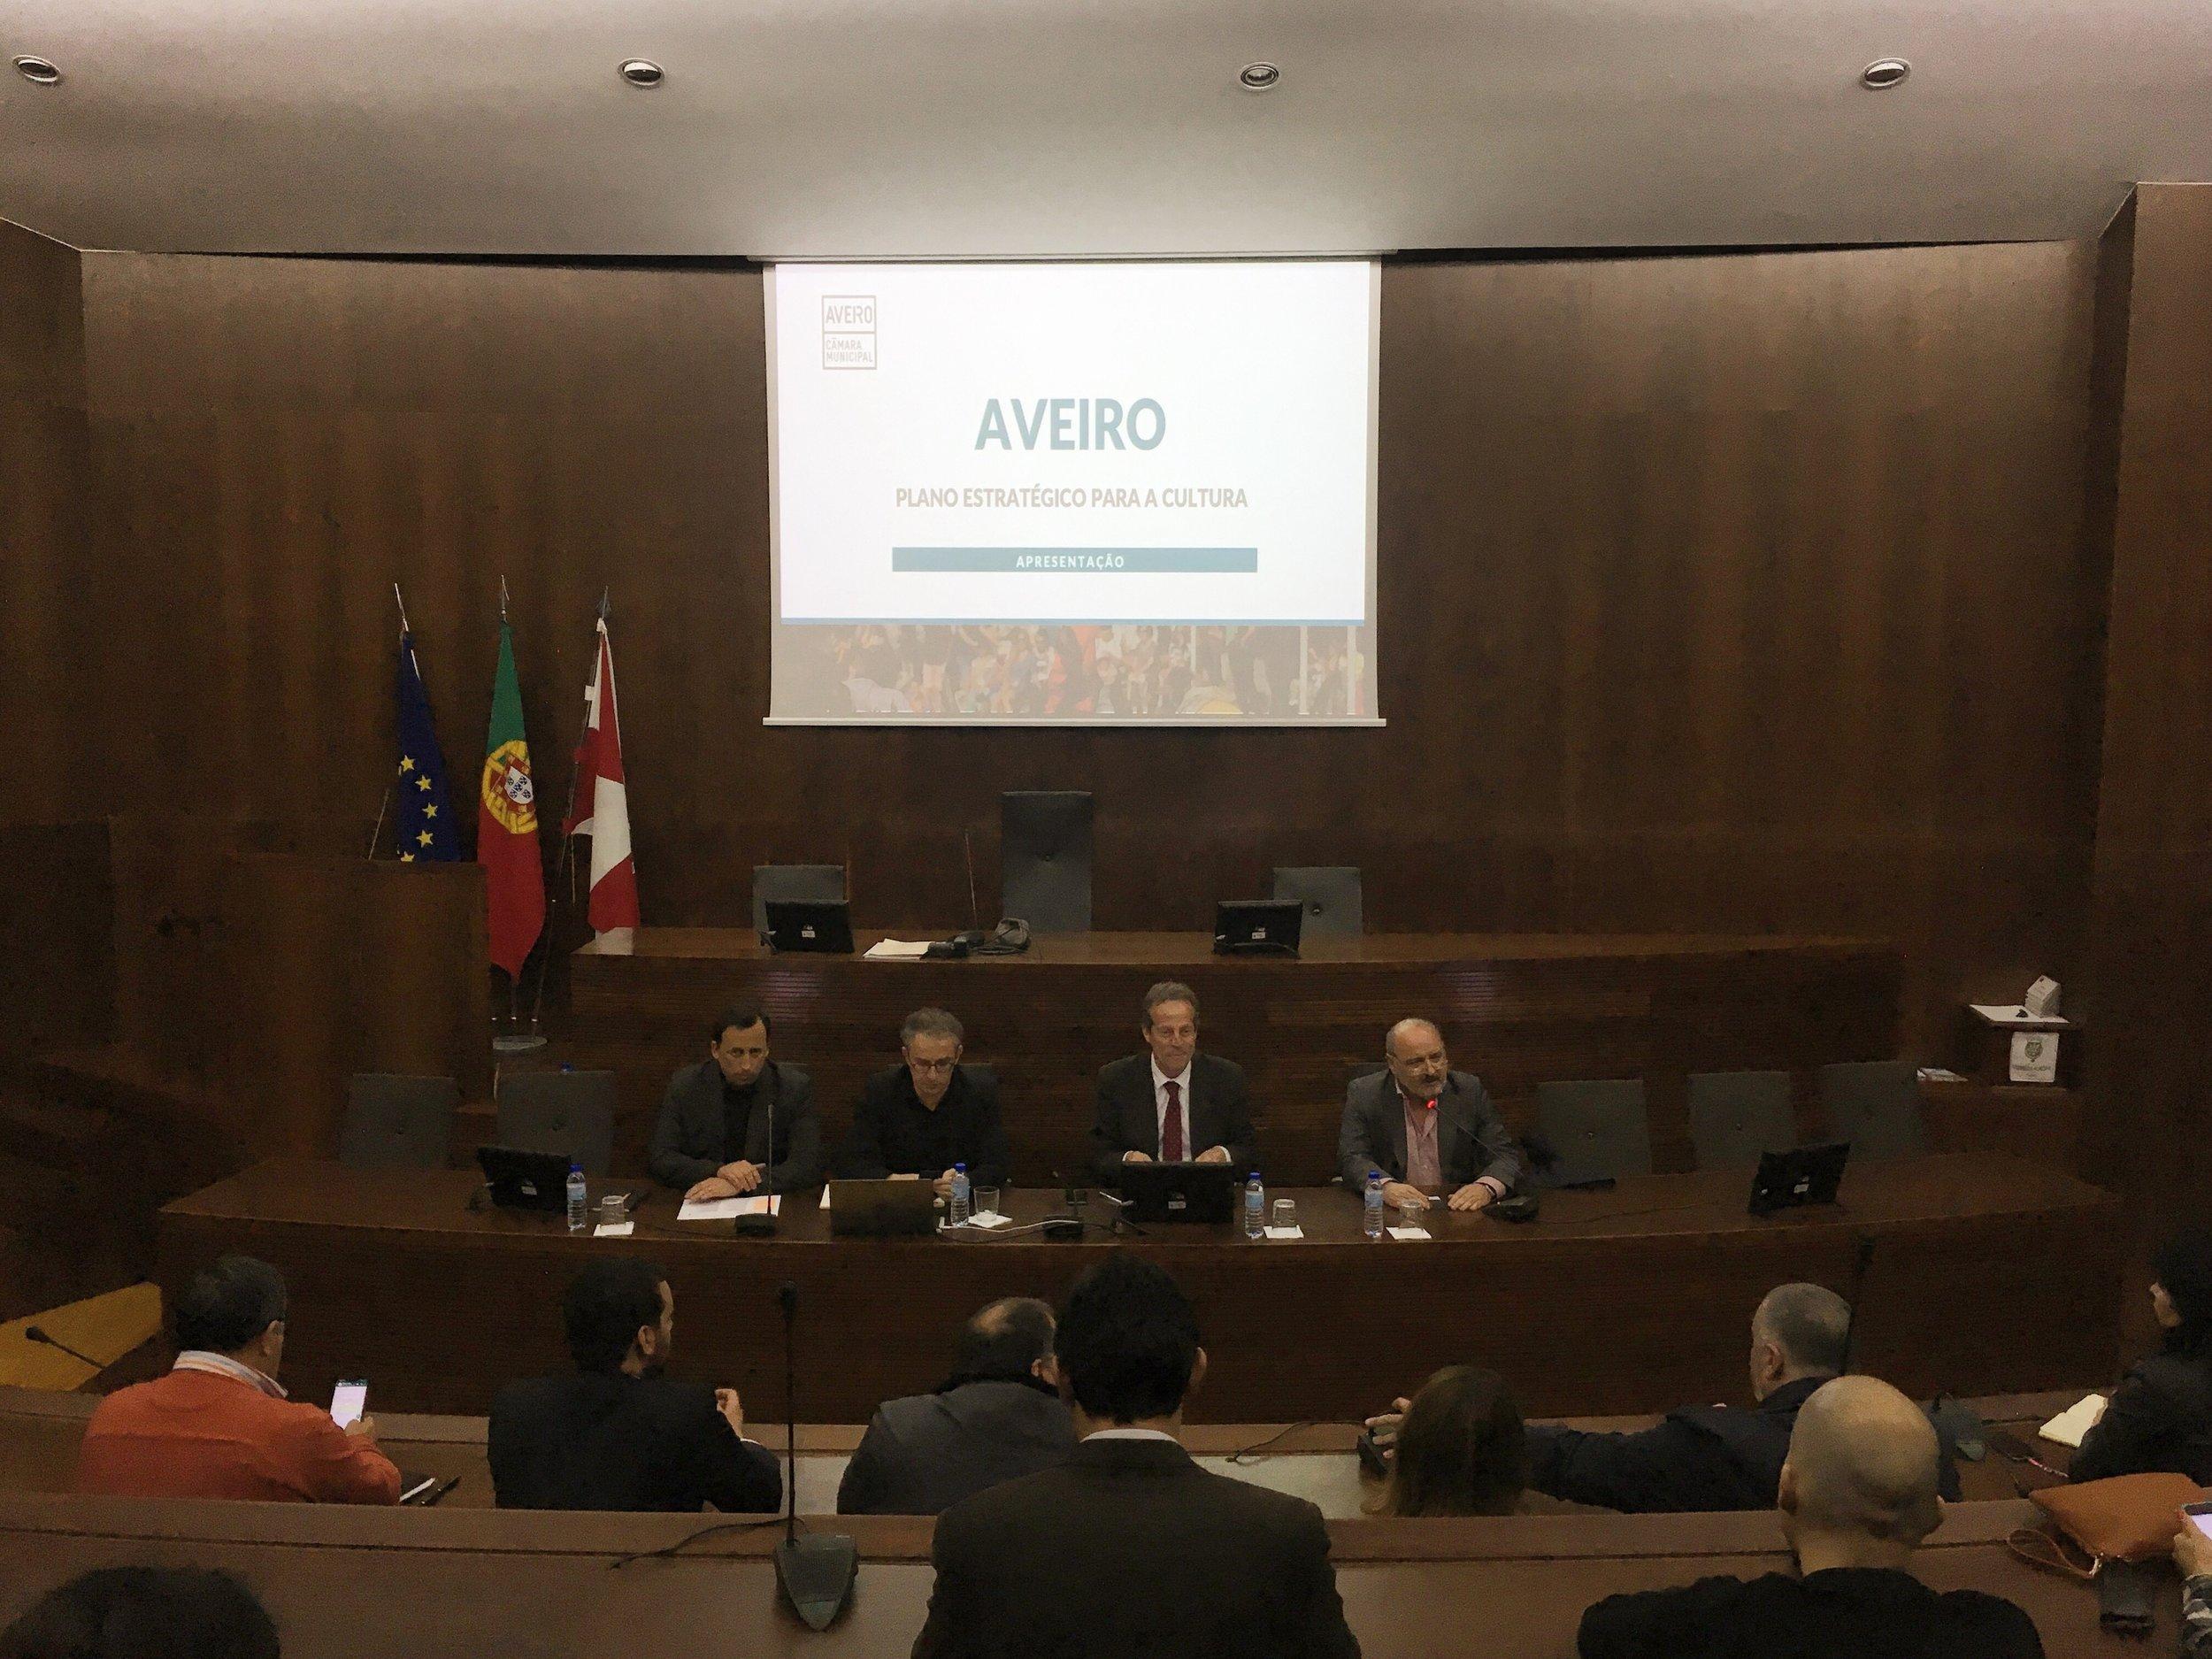 Sessão de Apresentação do Plano Estratégico para a Cultura | DR